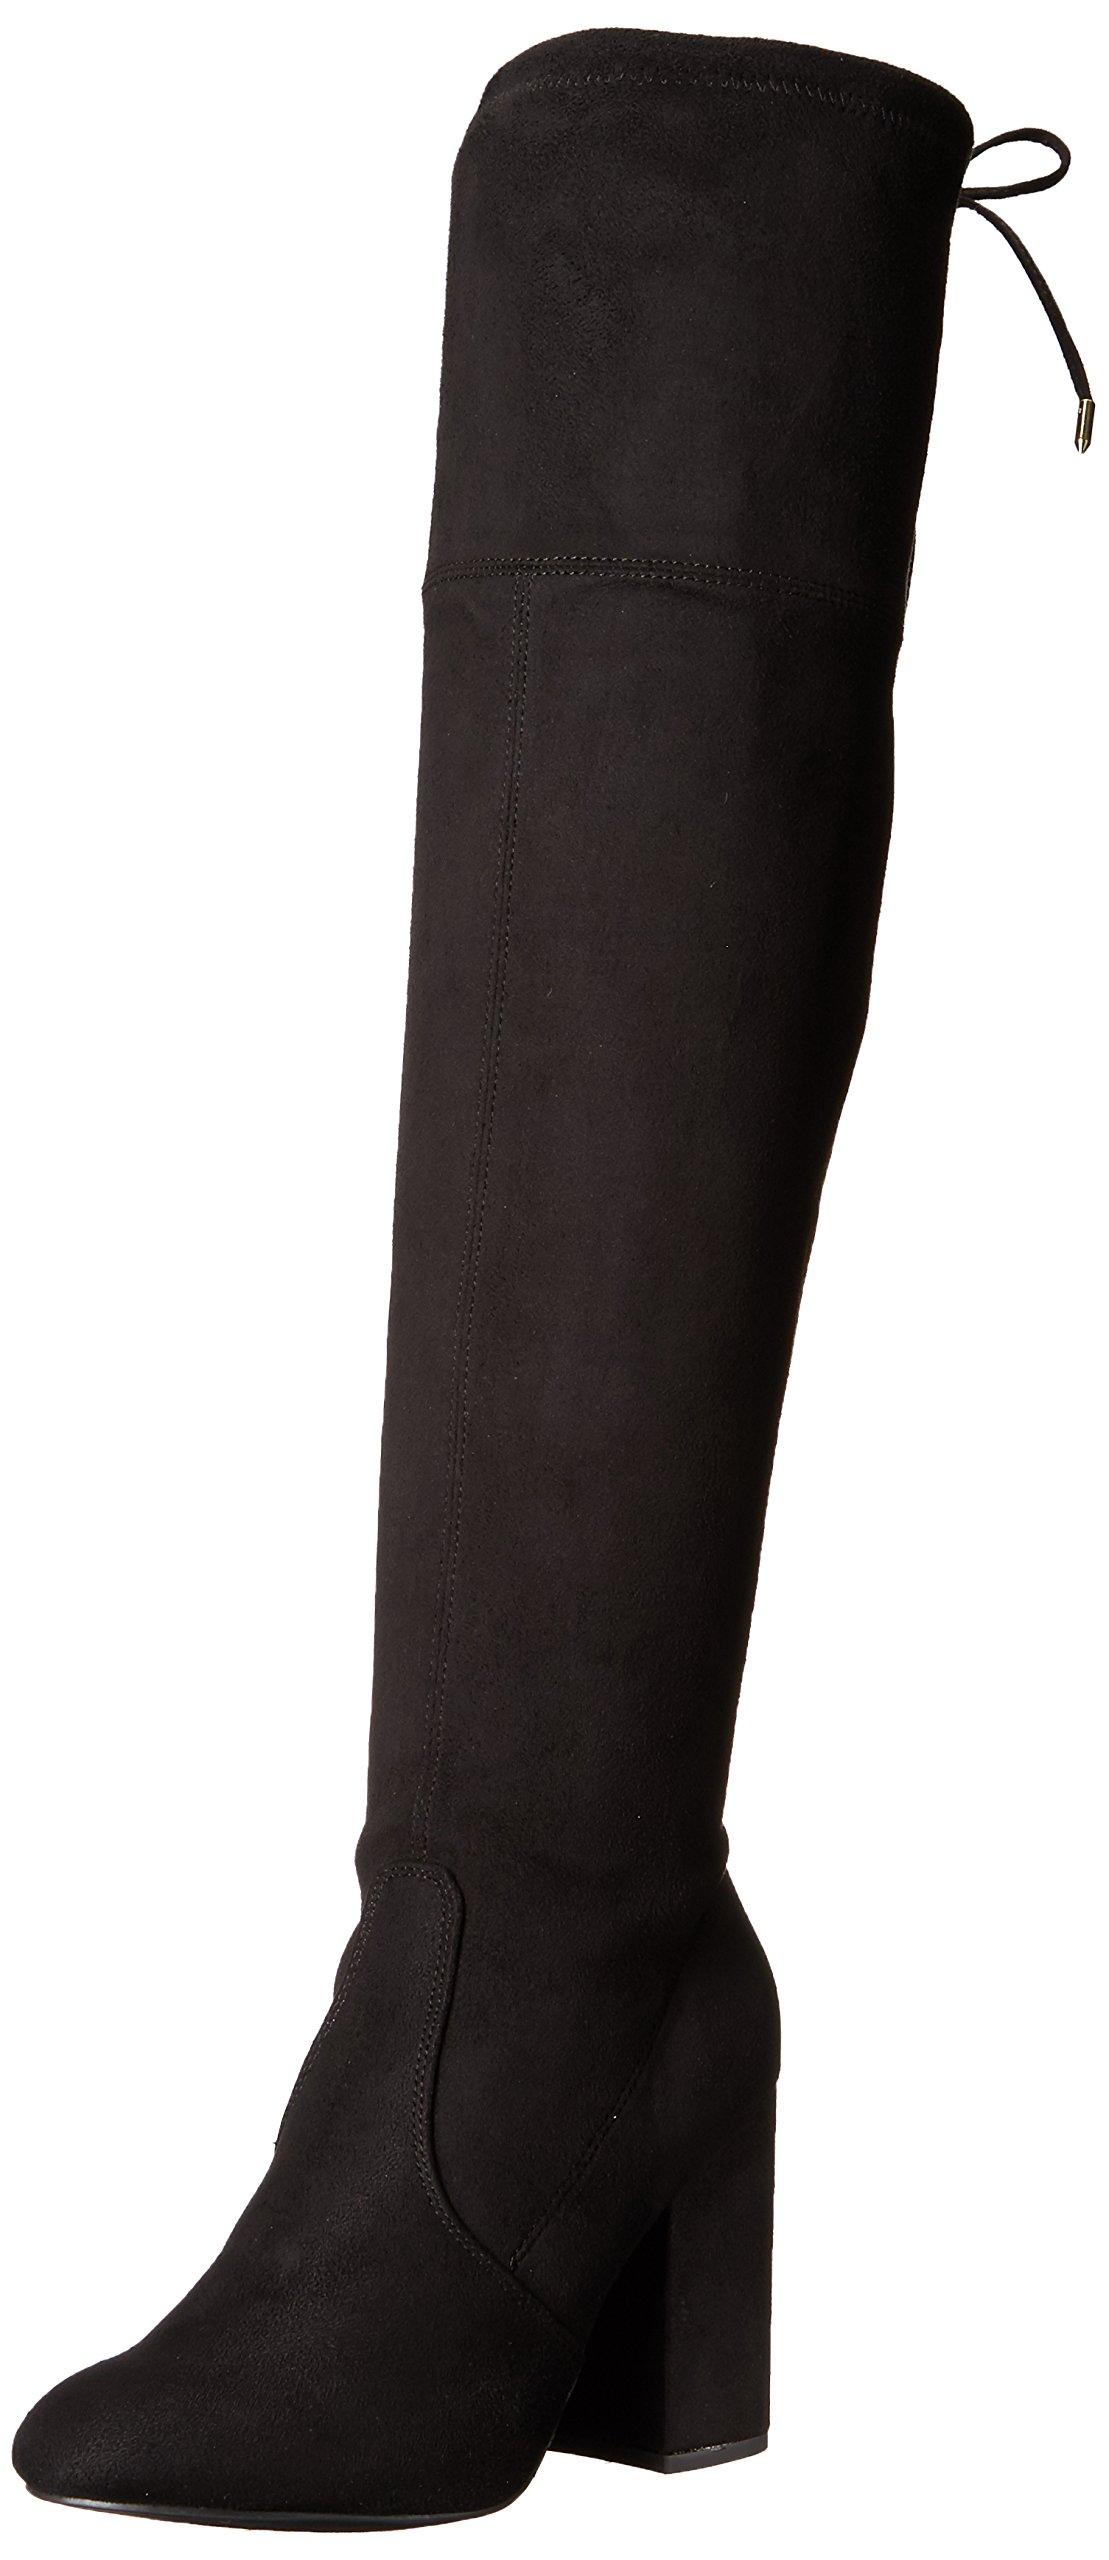 Steve Madden Women's Niela Over The Knee Boot, Black, 10 M US by Steve Madden (Image #1)